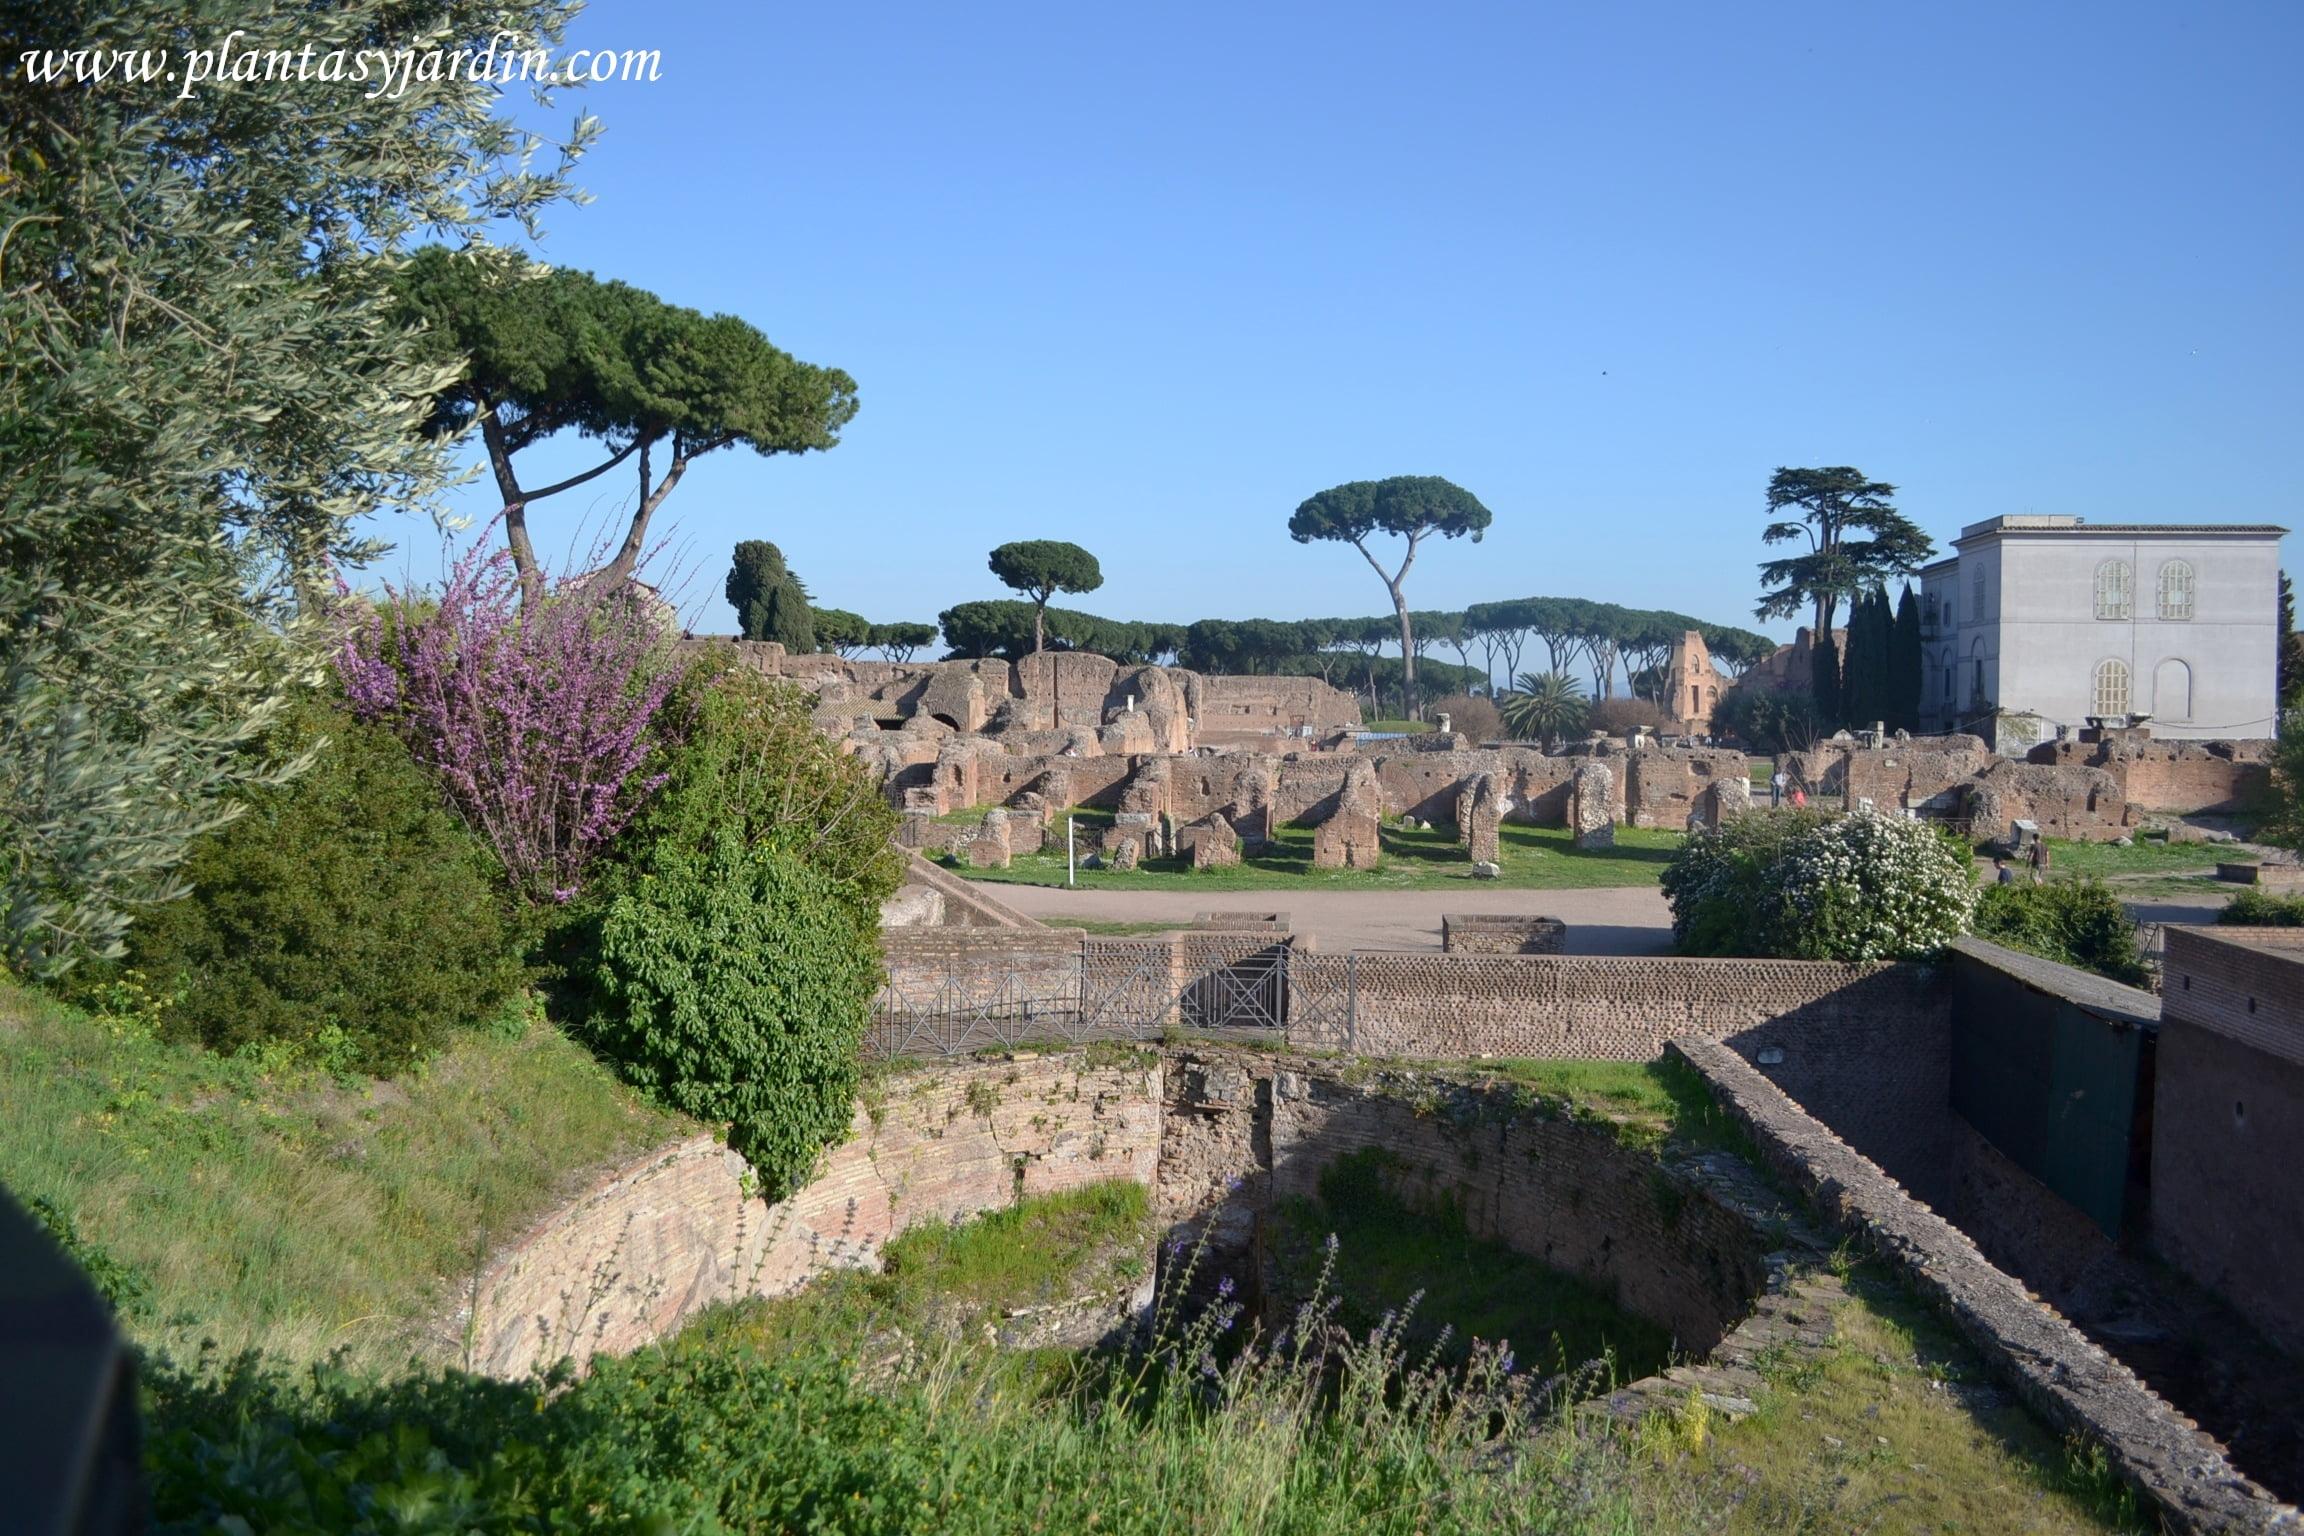 vistas de los restos de los jardines Farnesianos en el Monte Palatino y el museo del Palatino